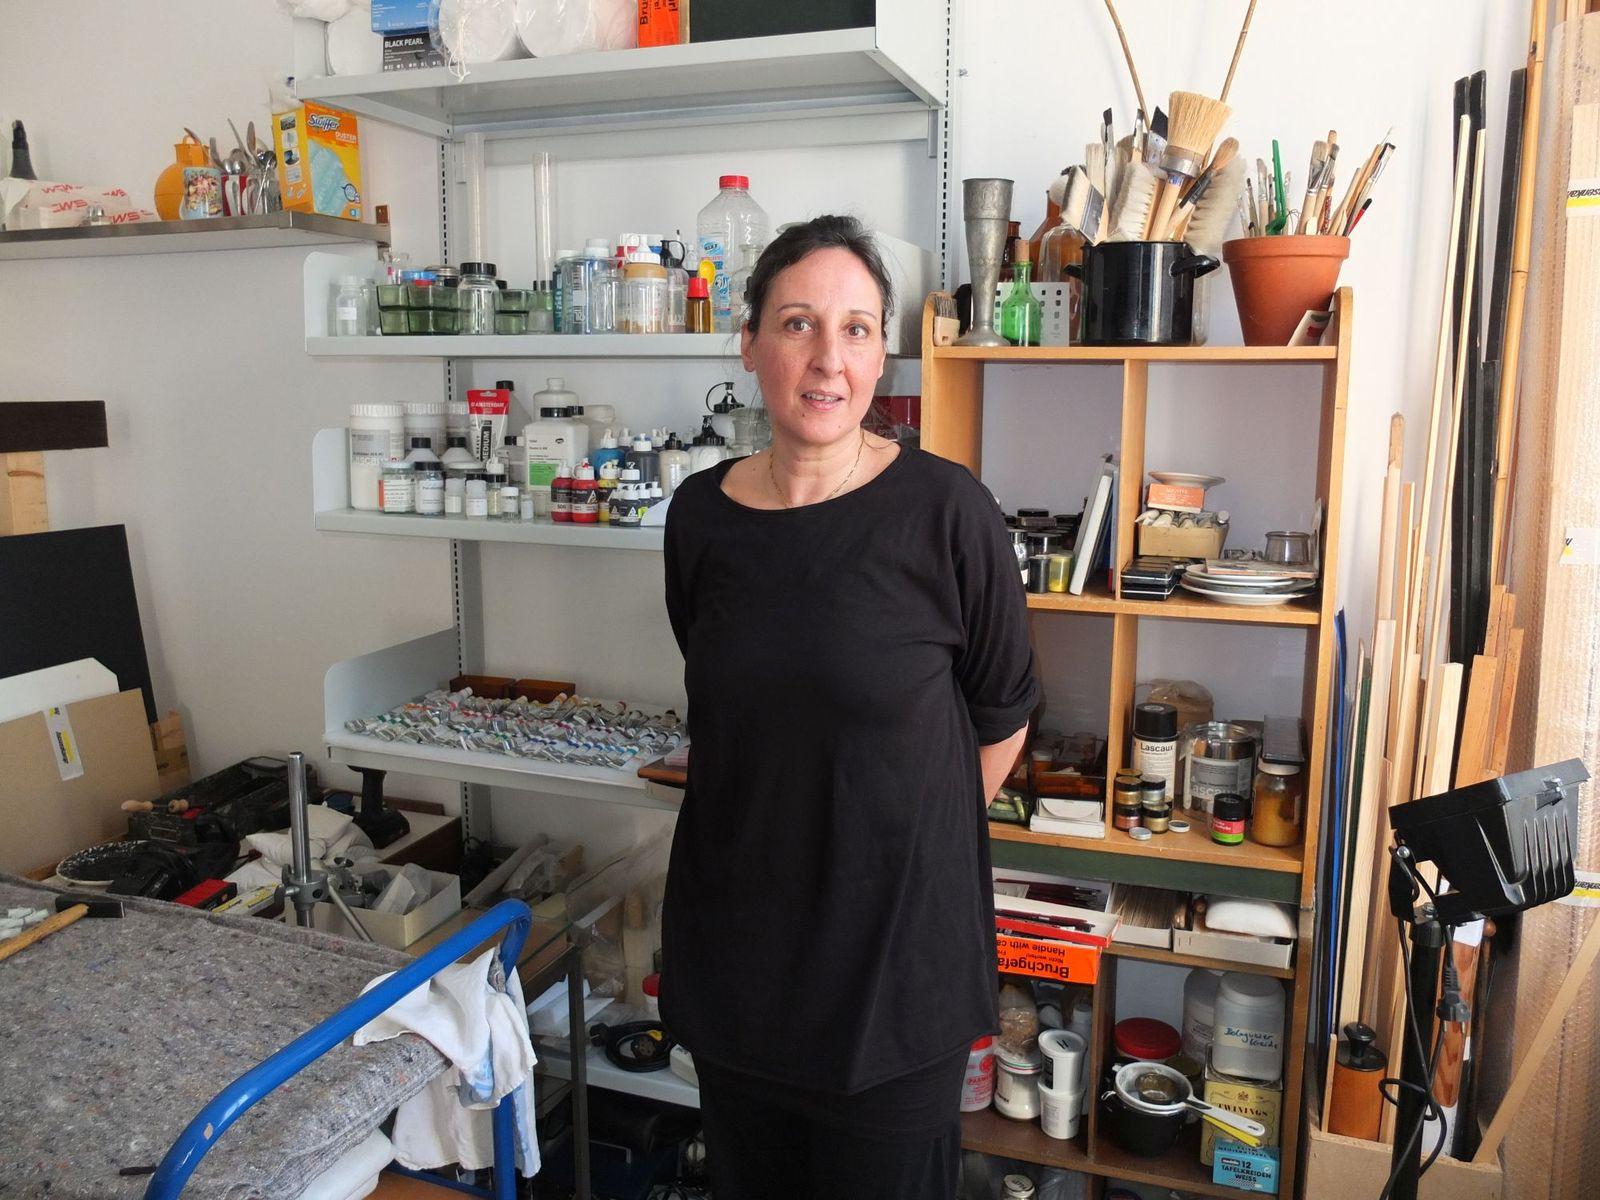 Die Restauratorin Hana Streicher an ihrem neuen Arbeitsplatz im Hamburger Bahnhof. Foto: schmedding.vonmarlin.